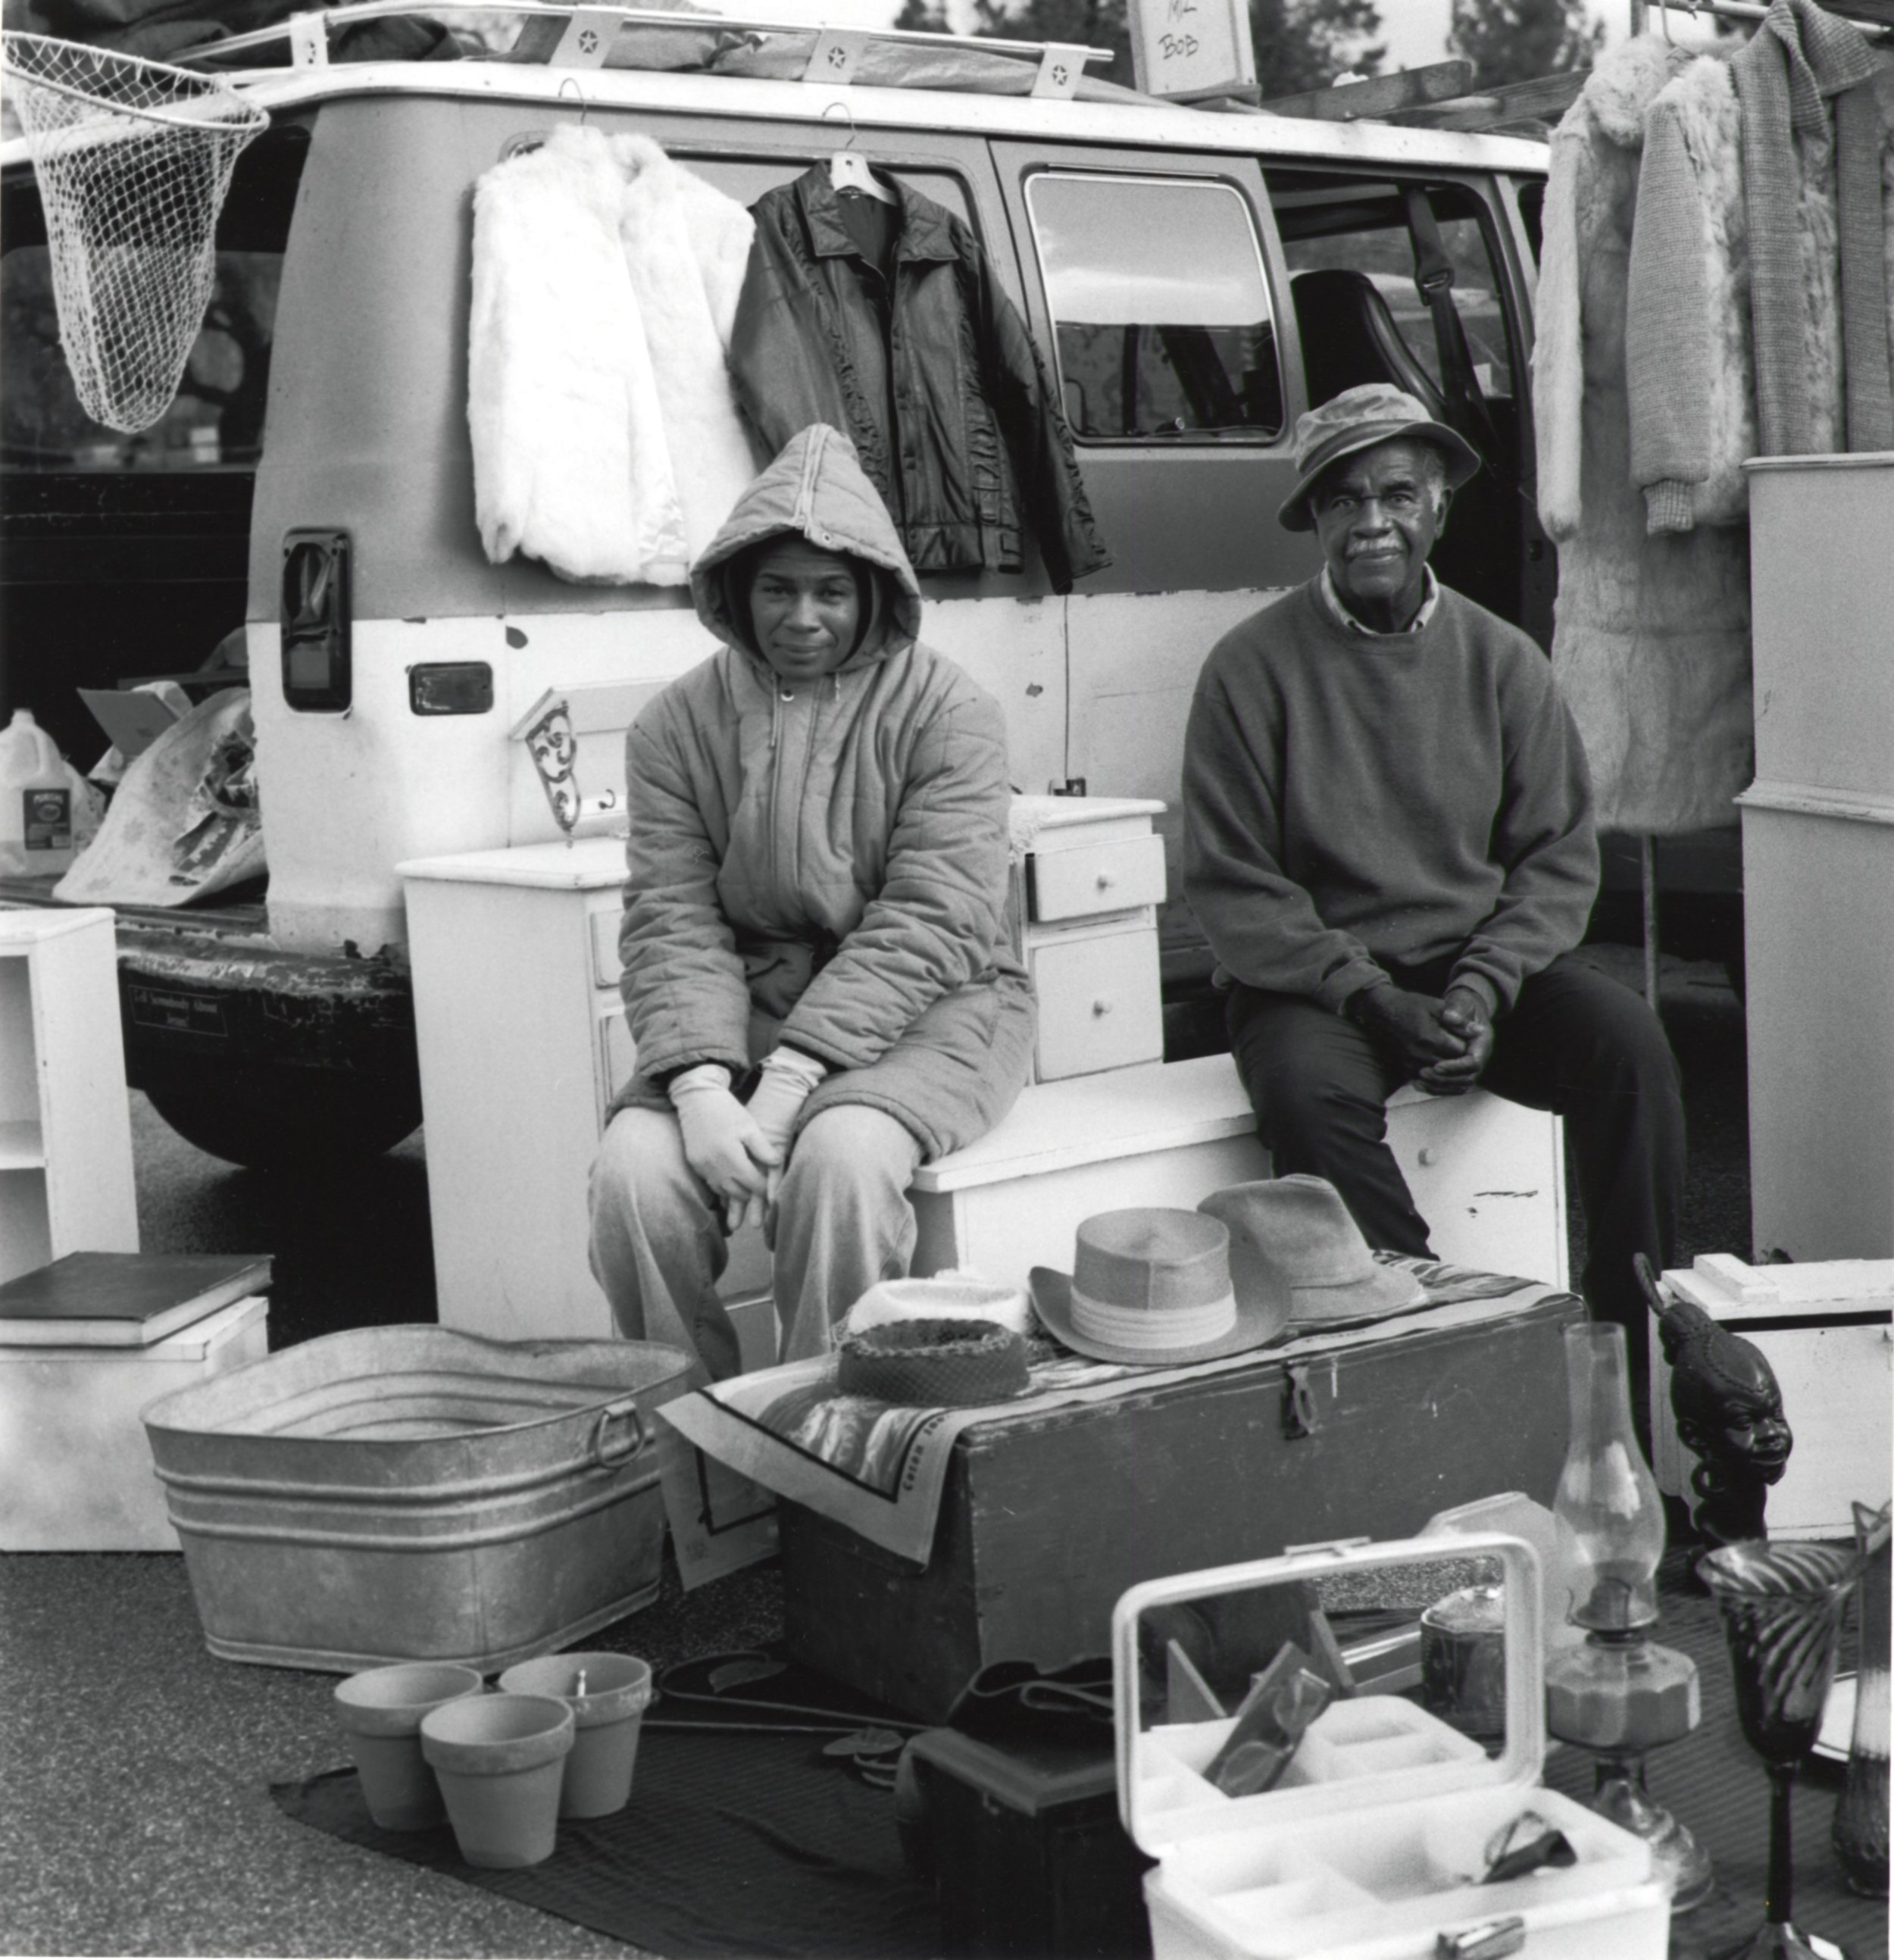 Vendors - Pasadena CA 1995